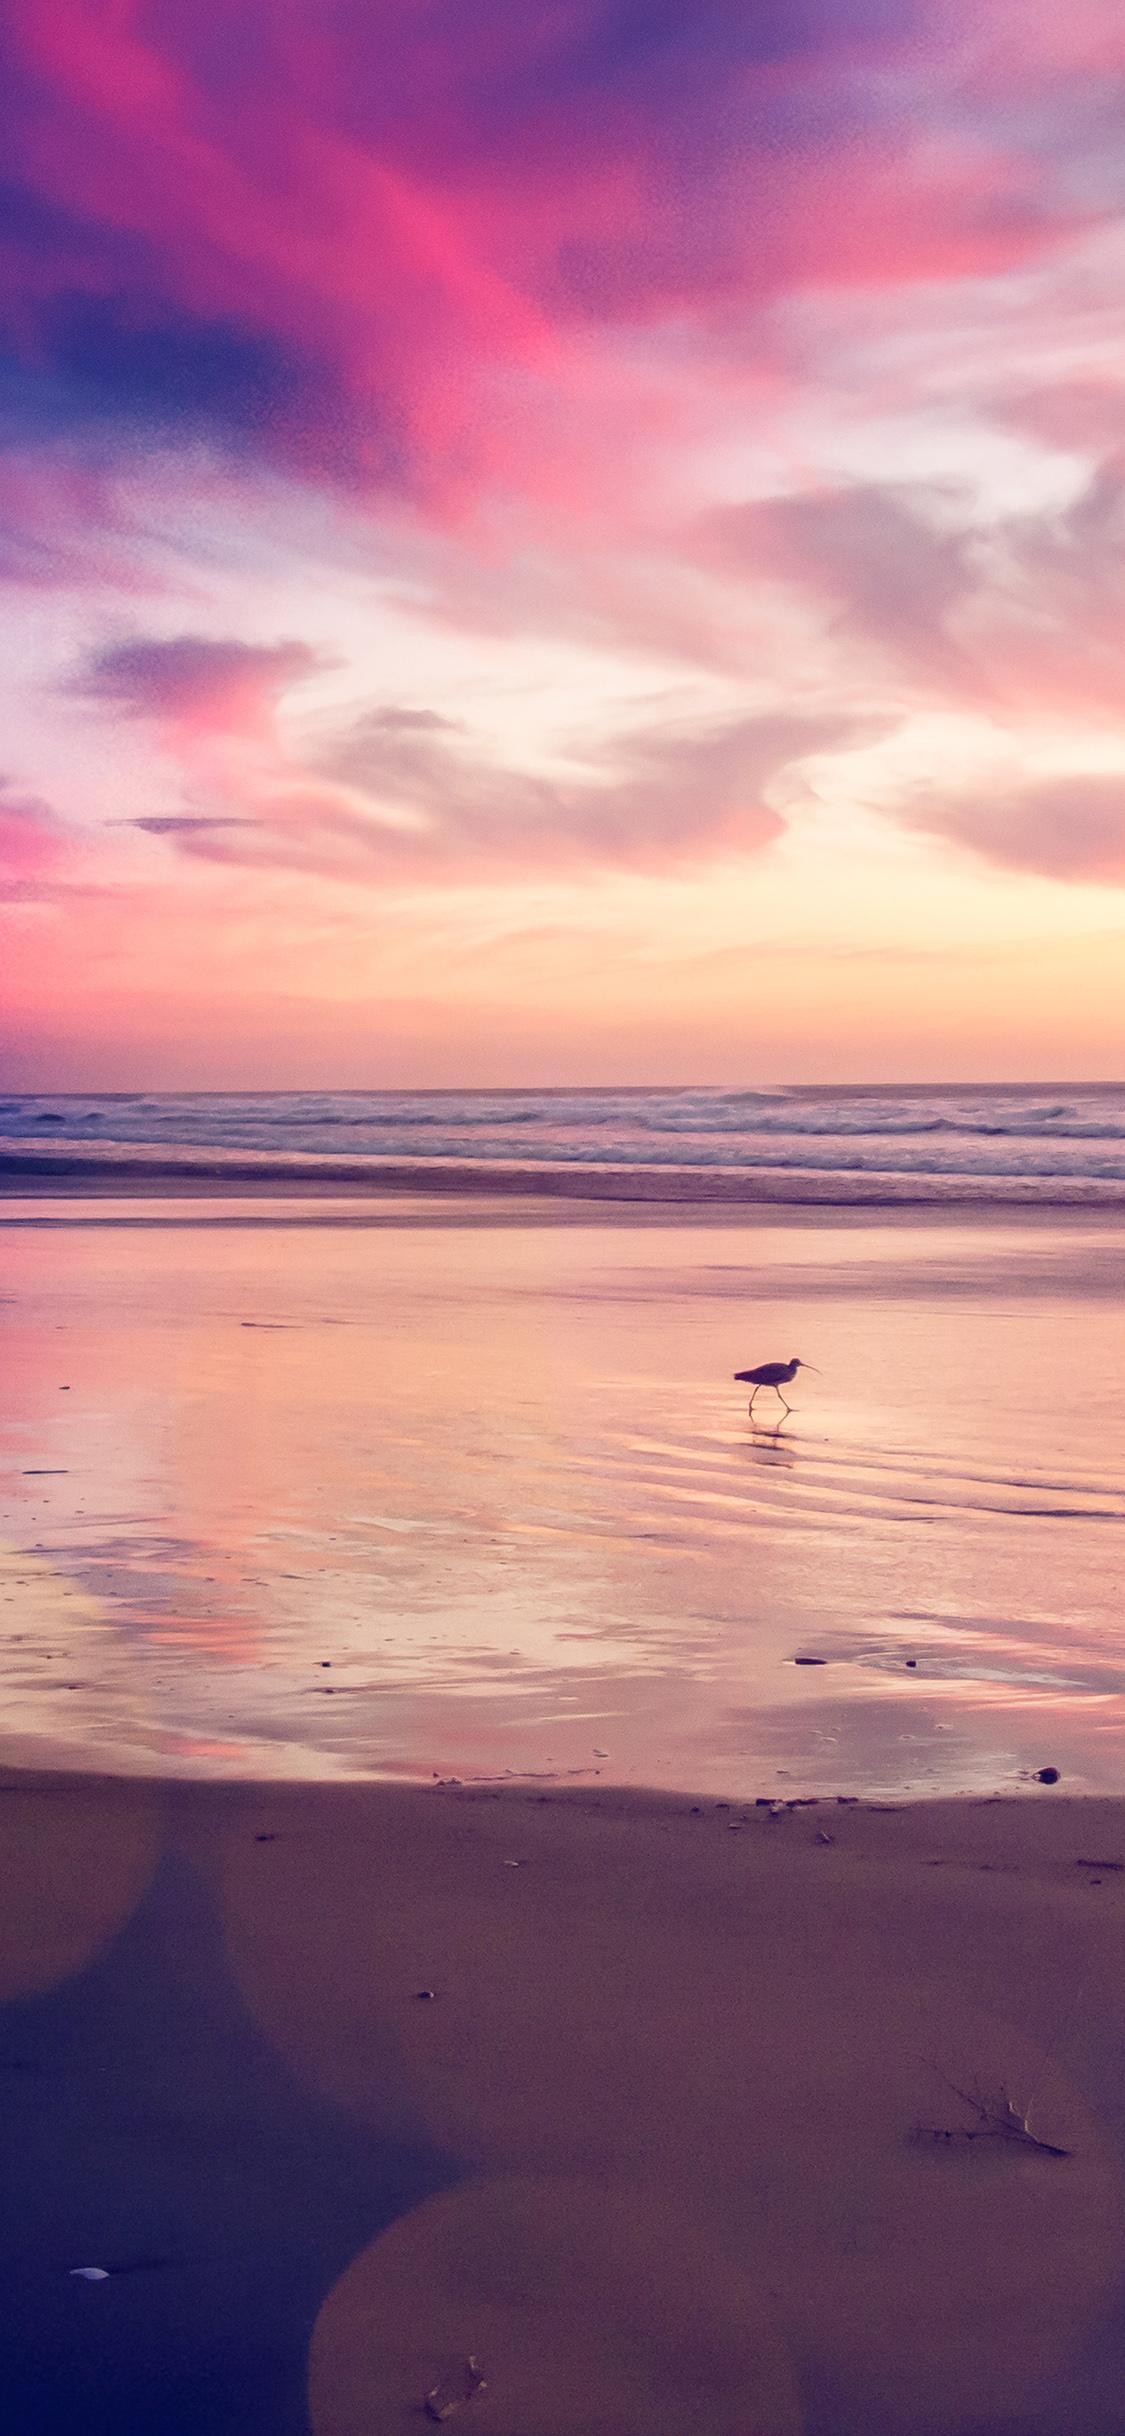 Iphonexpapers Com Iphone X Wallpaper Mv56 Sunset Beach Bird Red